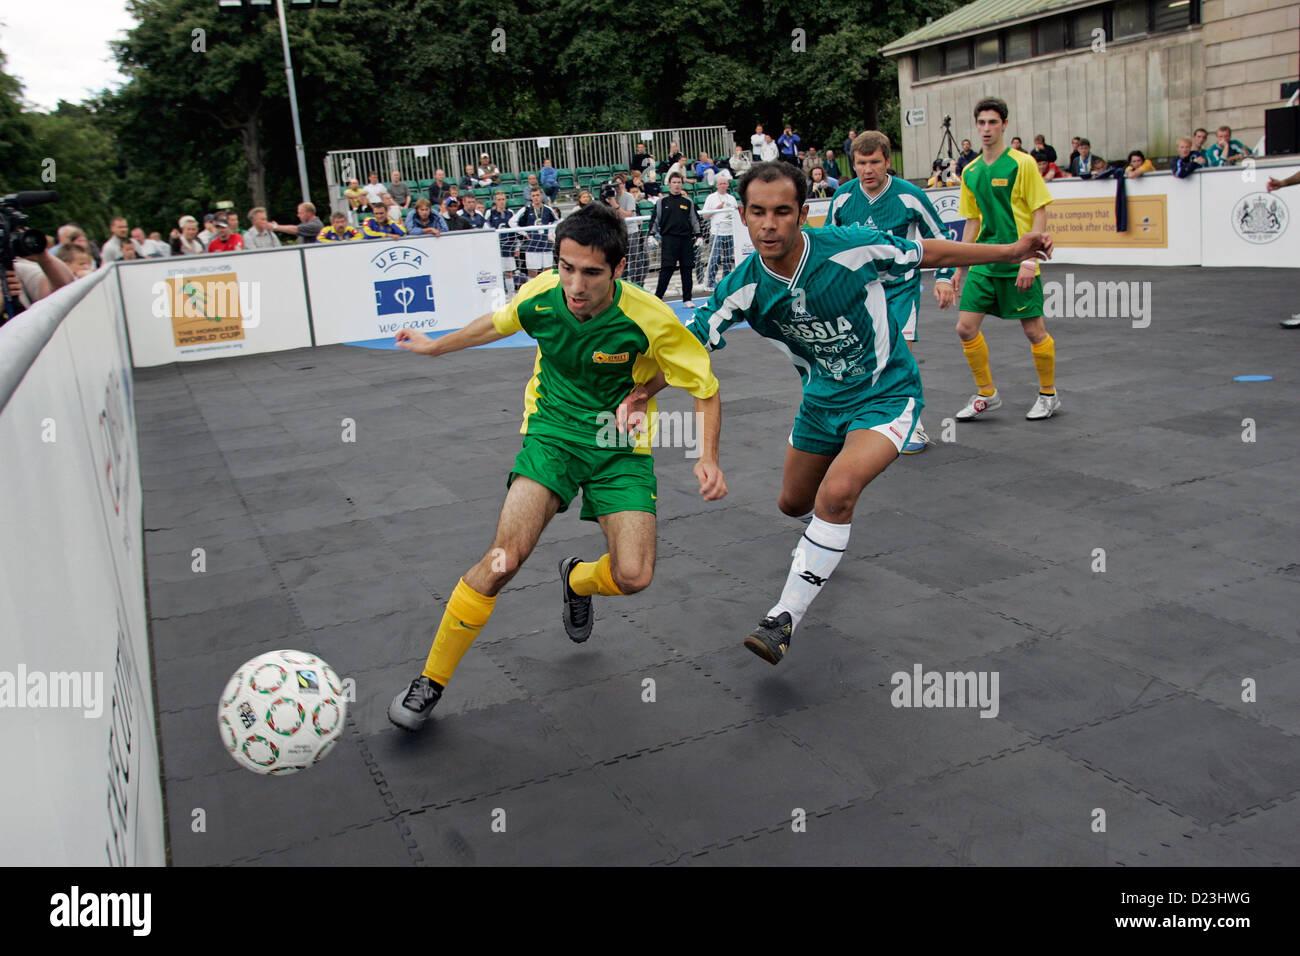 Rusia contra Australia en la Homeless World Cup, un torneo de fútbol celebrado en Edimburgo, Escocia, en 2005 Imagen De Stock